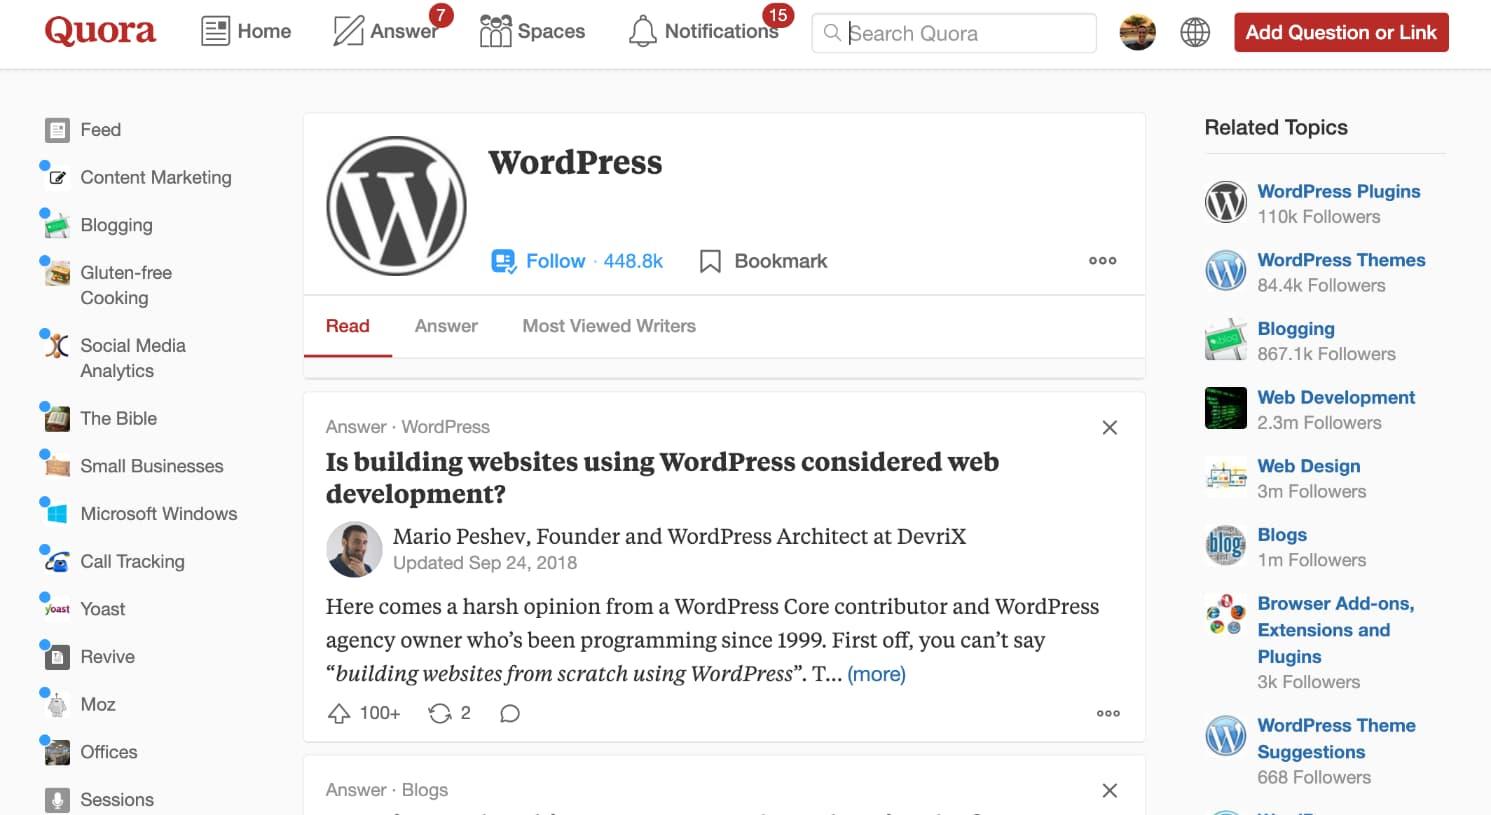 Suporte para WordPress no Quora